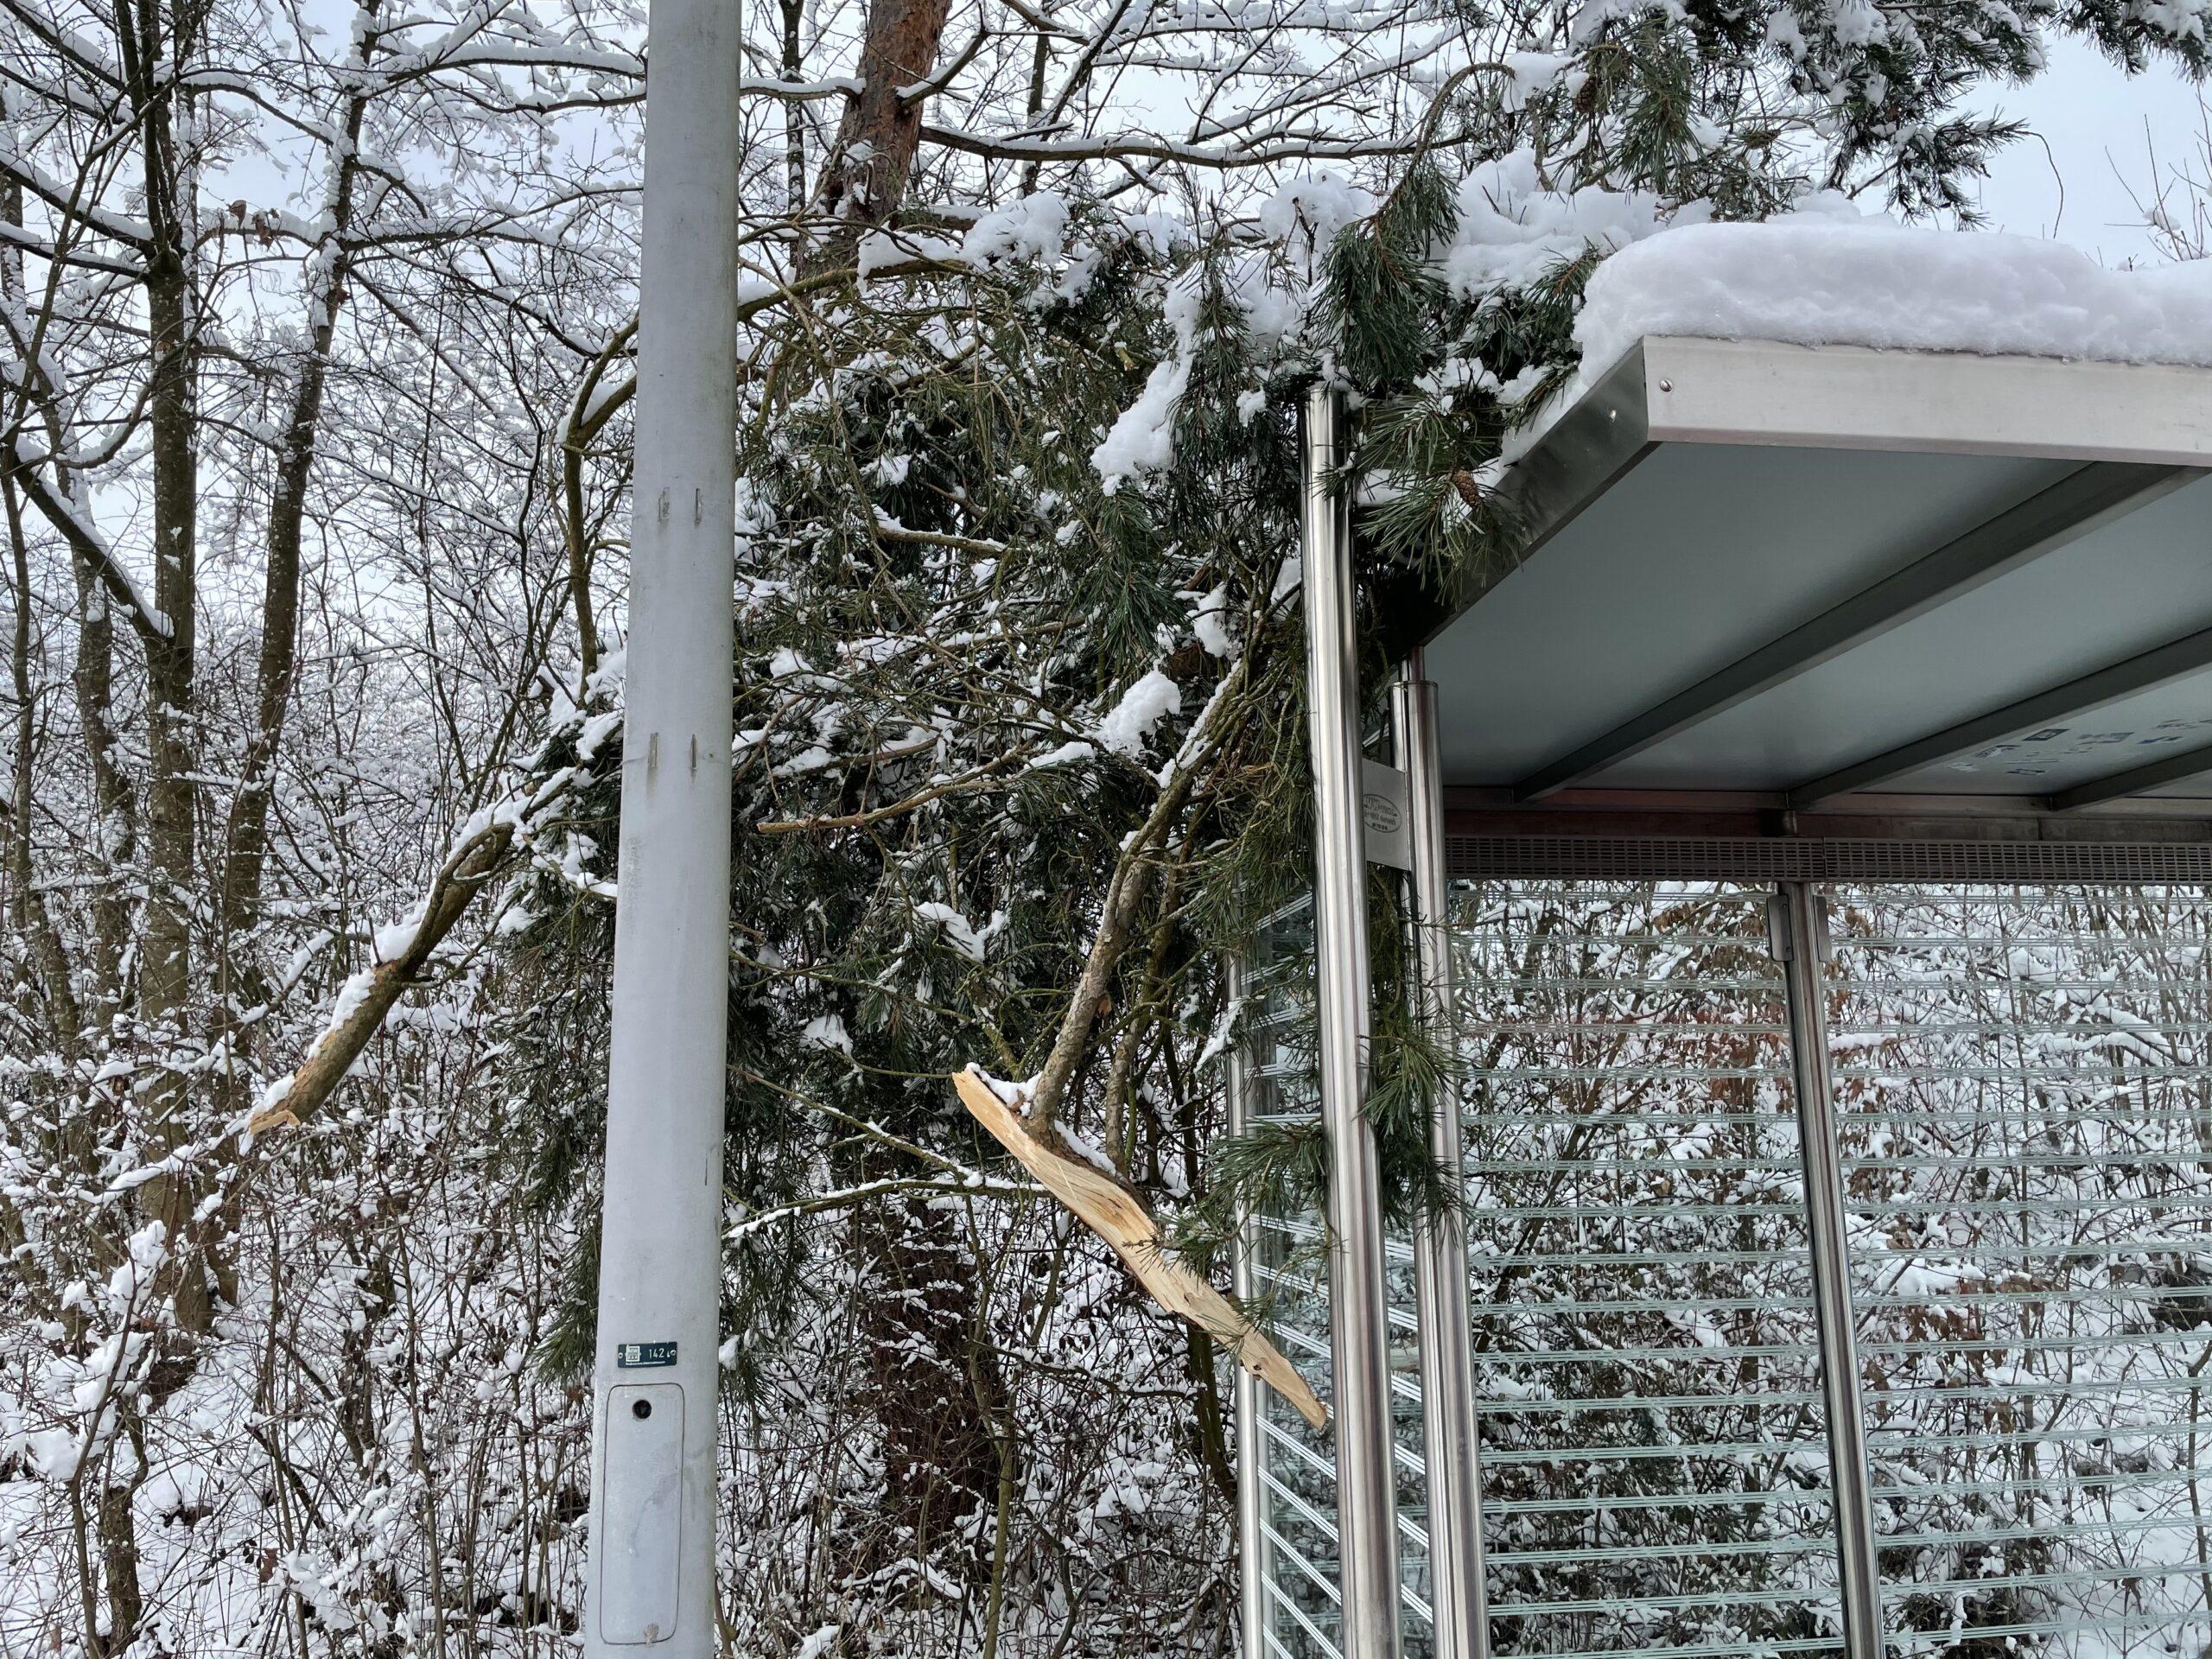 Baum droht auf Strasse zu fallen